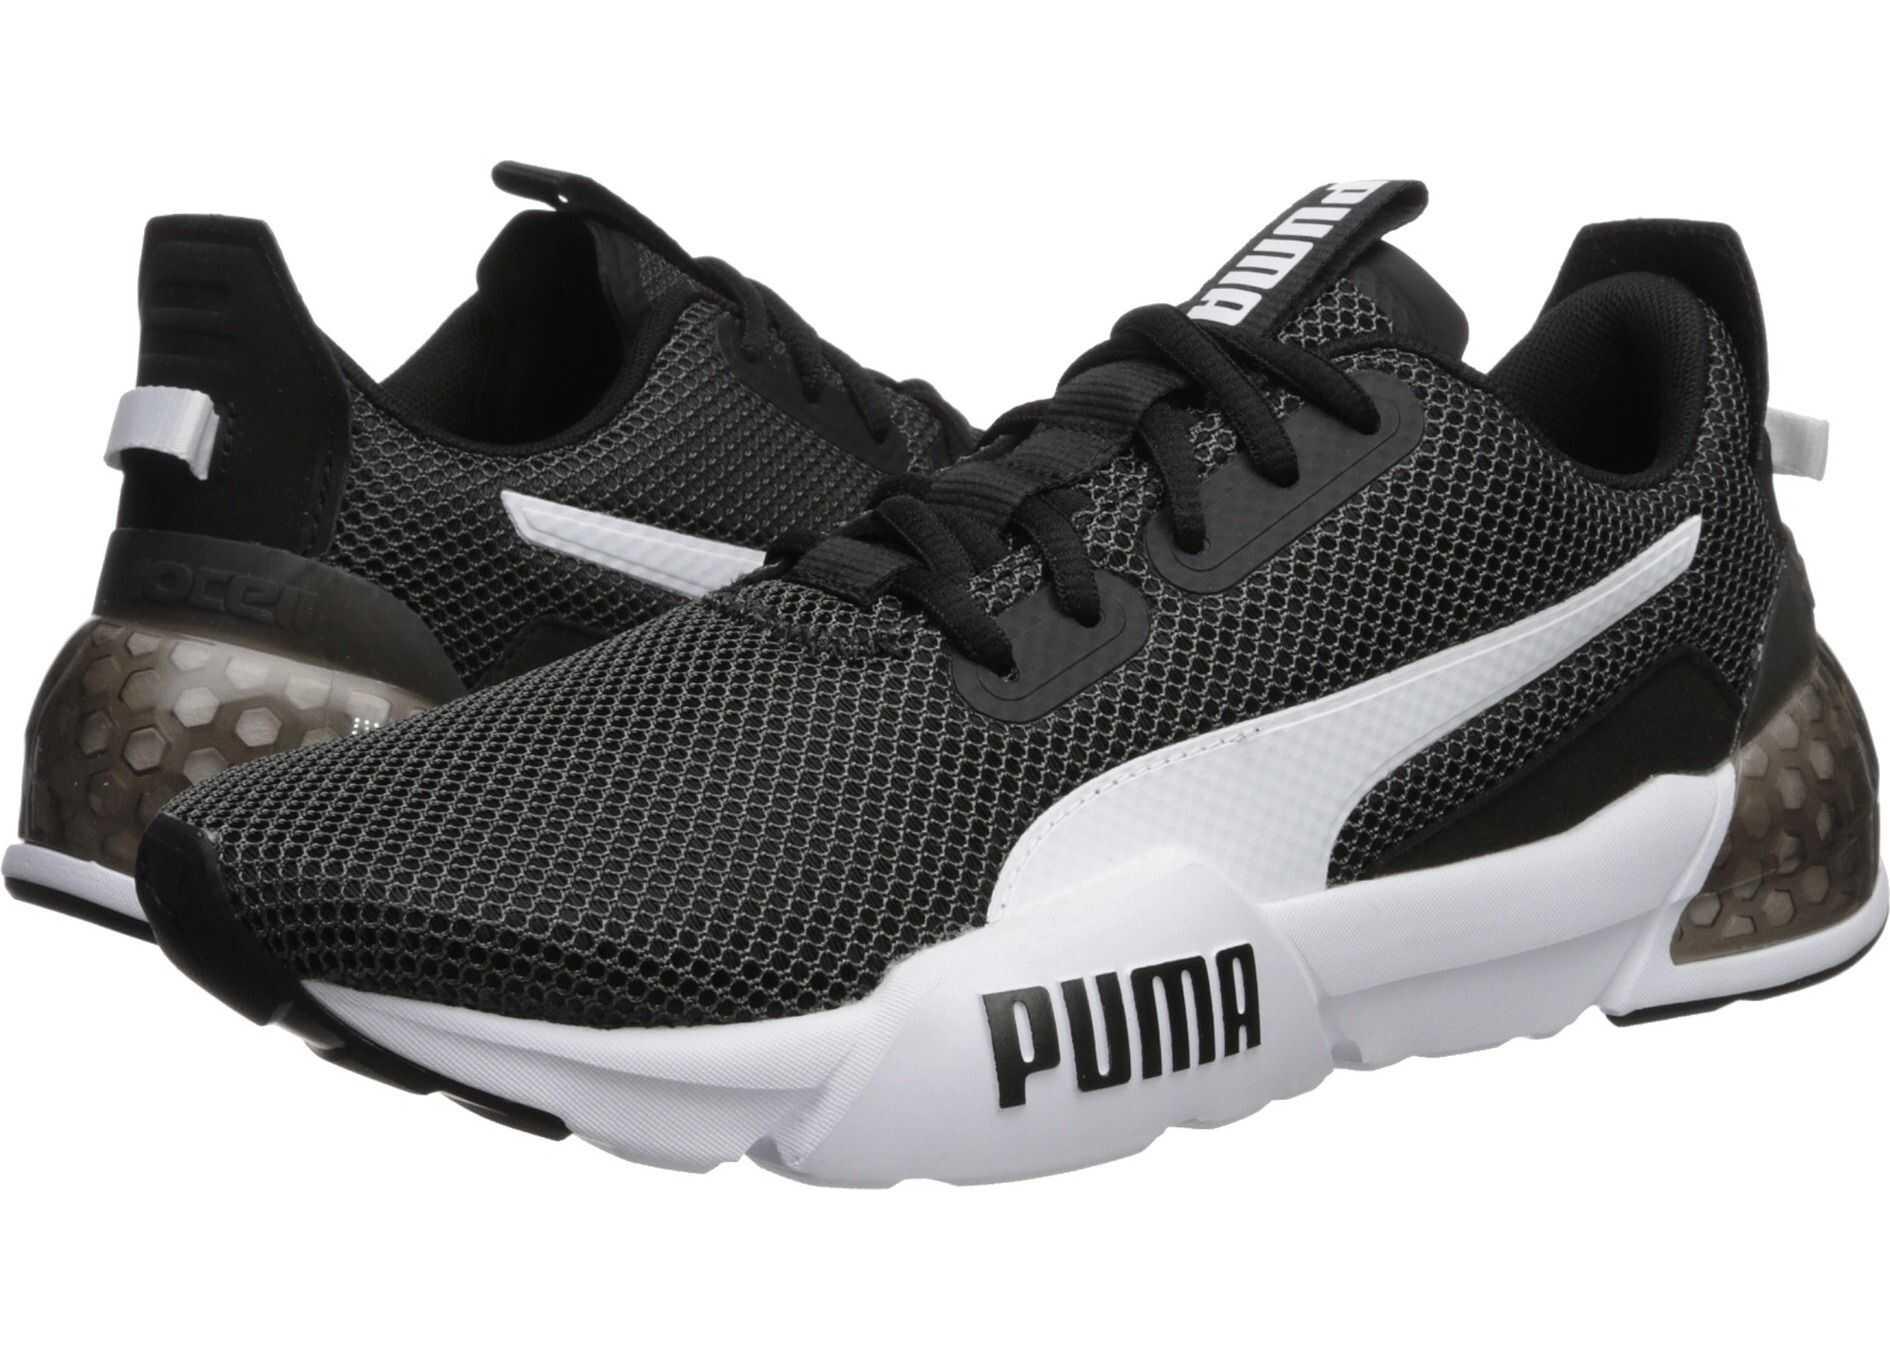 PUMA Cell Phase Puma Black/Puma White